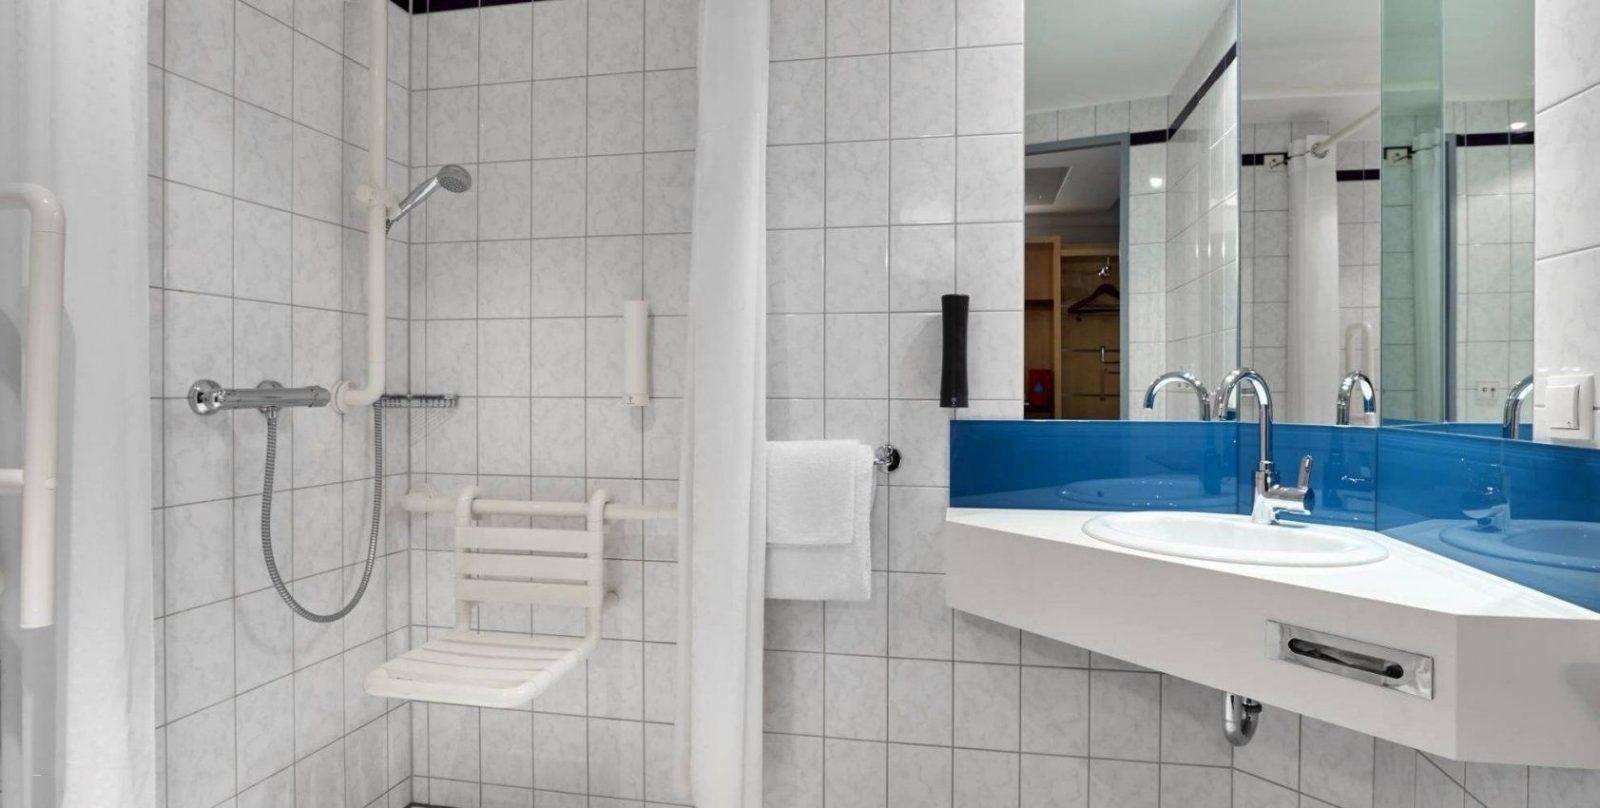 Badezimmer Kostengünstig Renovieren Neu Badezimmer Berlin Top von Badezimmer Kostengünstig Renovieren Bild